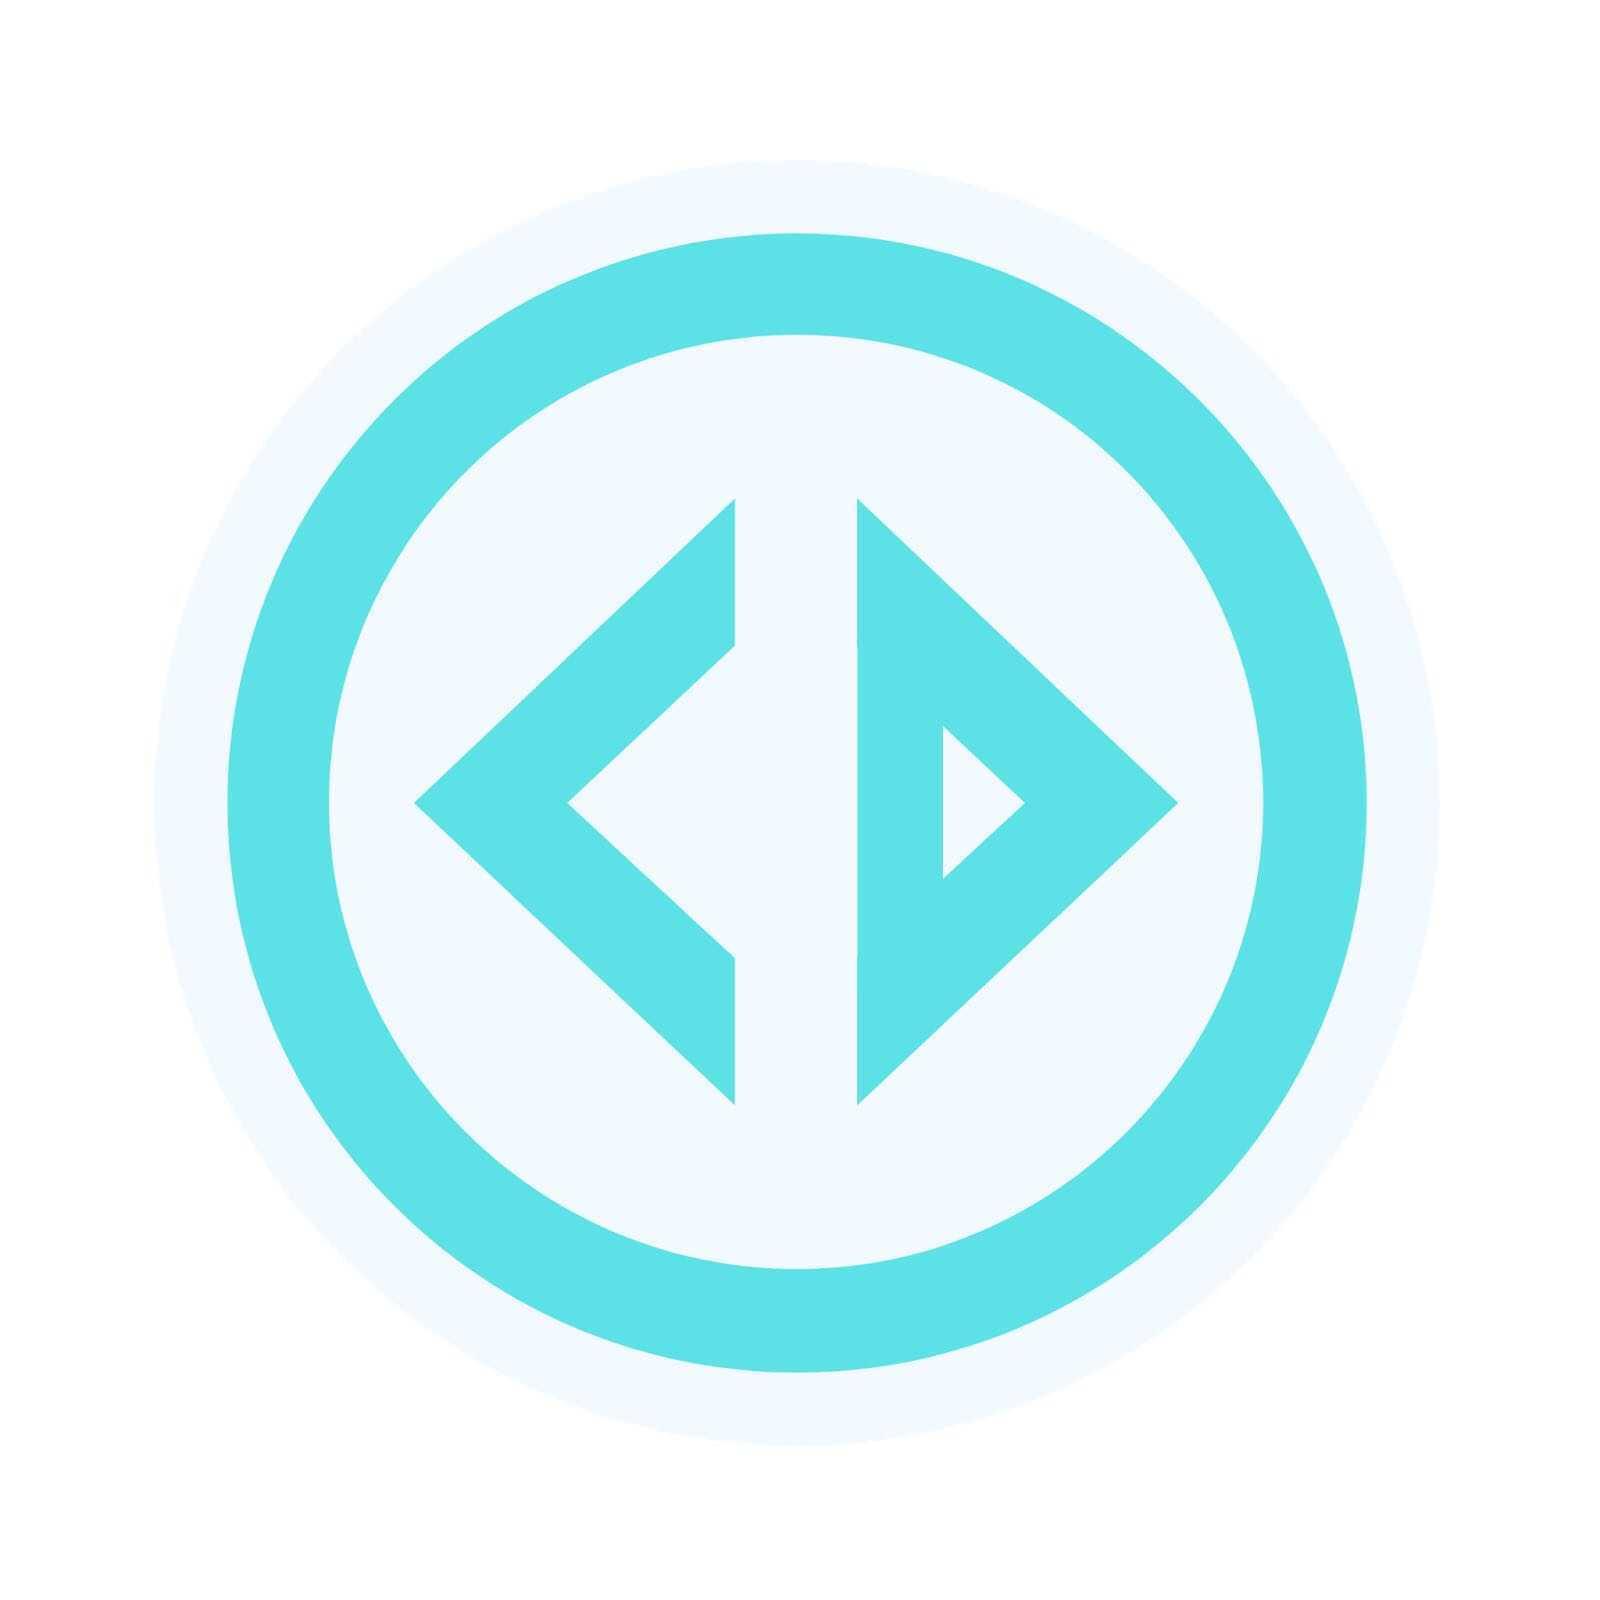 Codefy logo